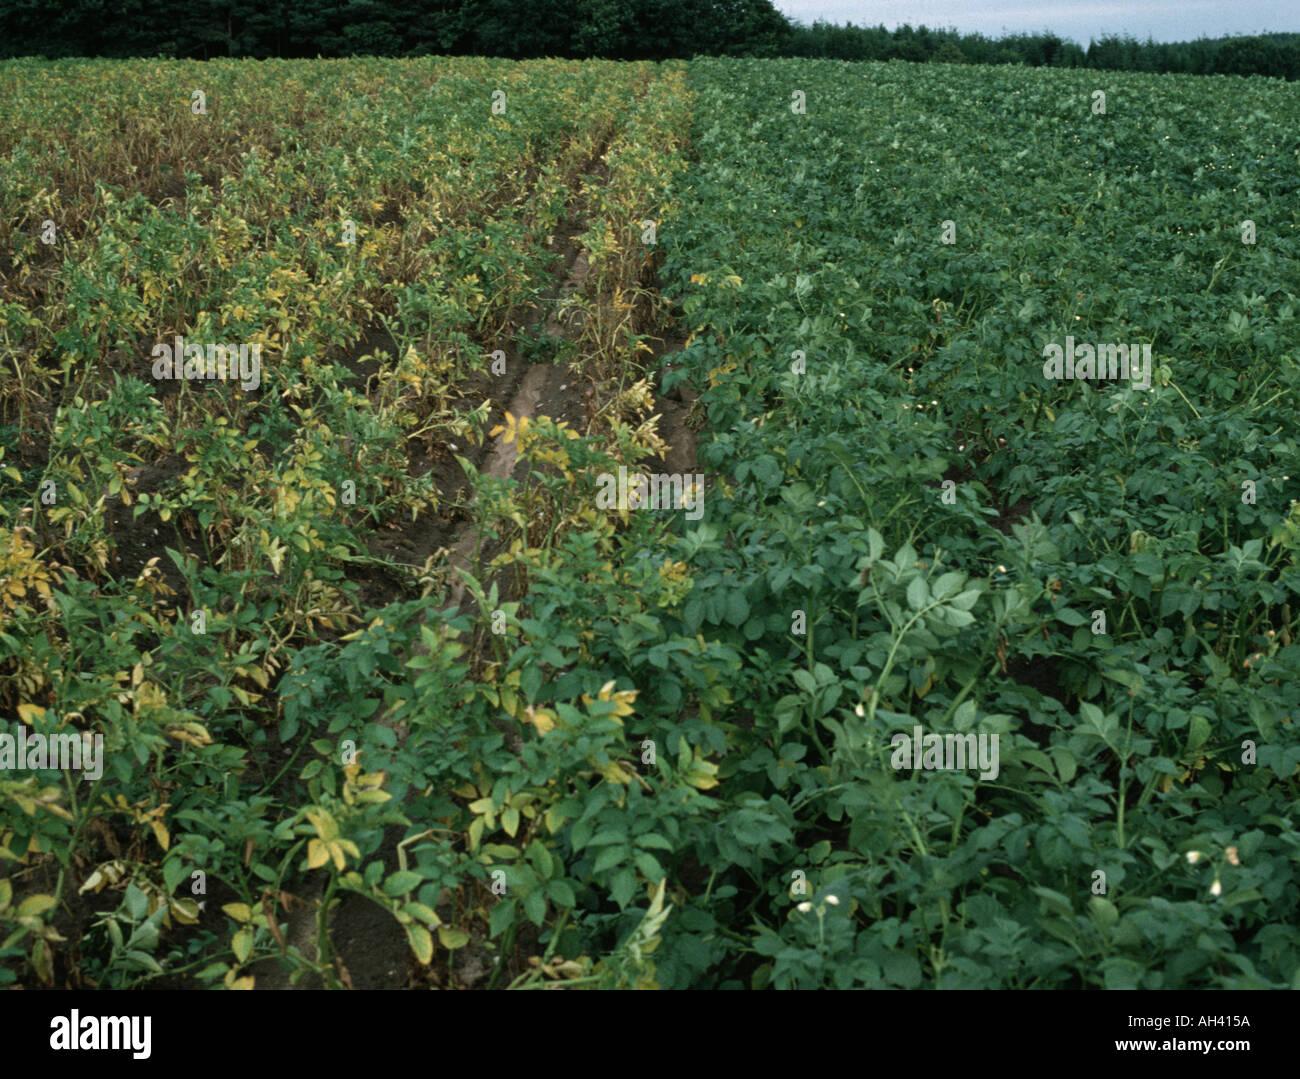 Zwei Sorten von Kartoffeln, die man beständig die anderen anfällig für Goldene Kartoffel Zyste nematode Globodera rostochiensis Stockbild